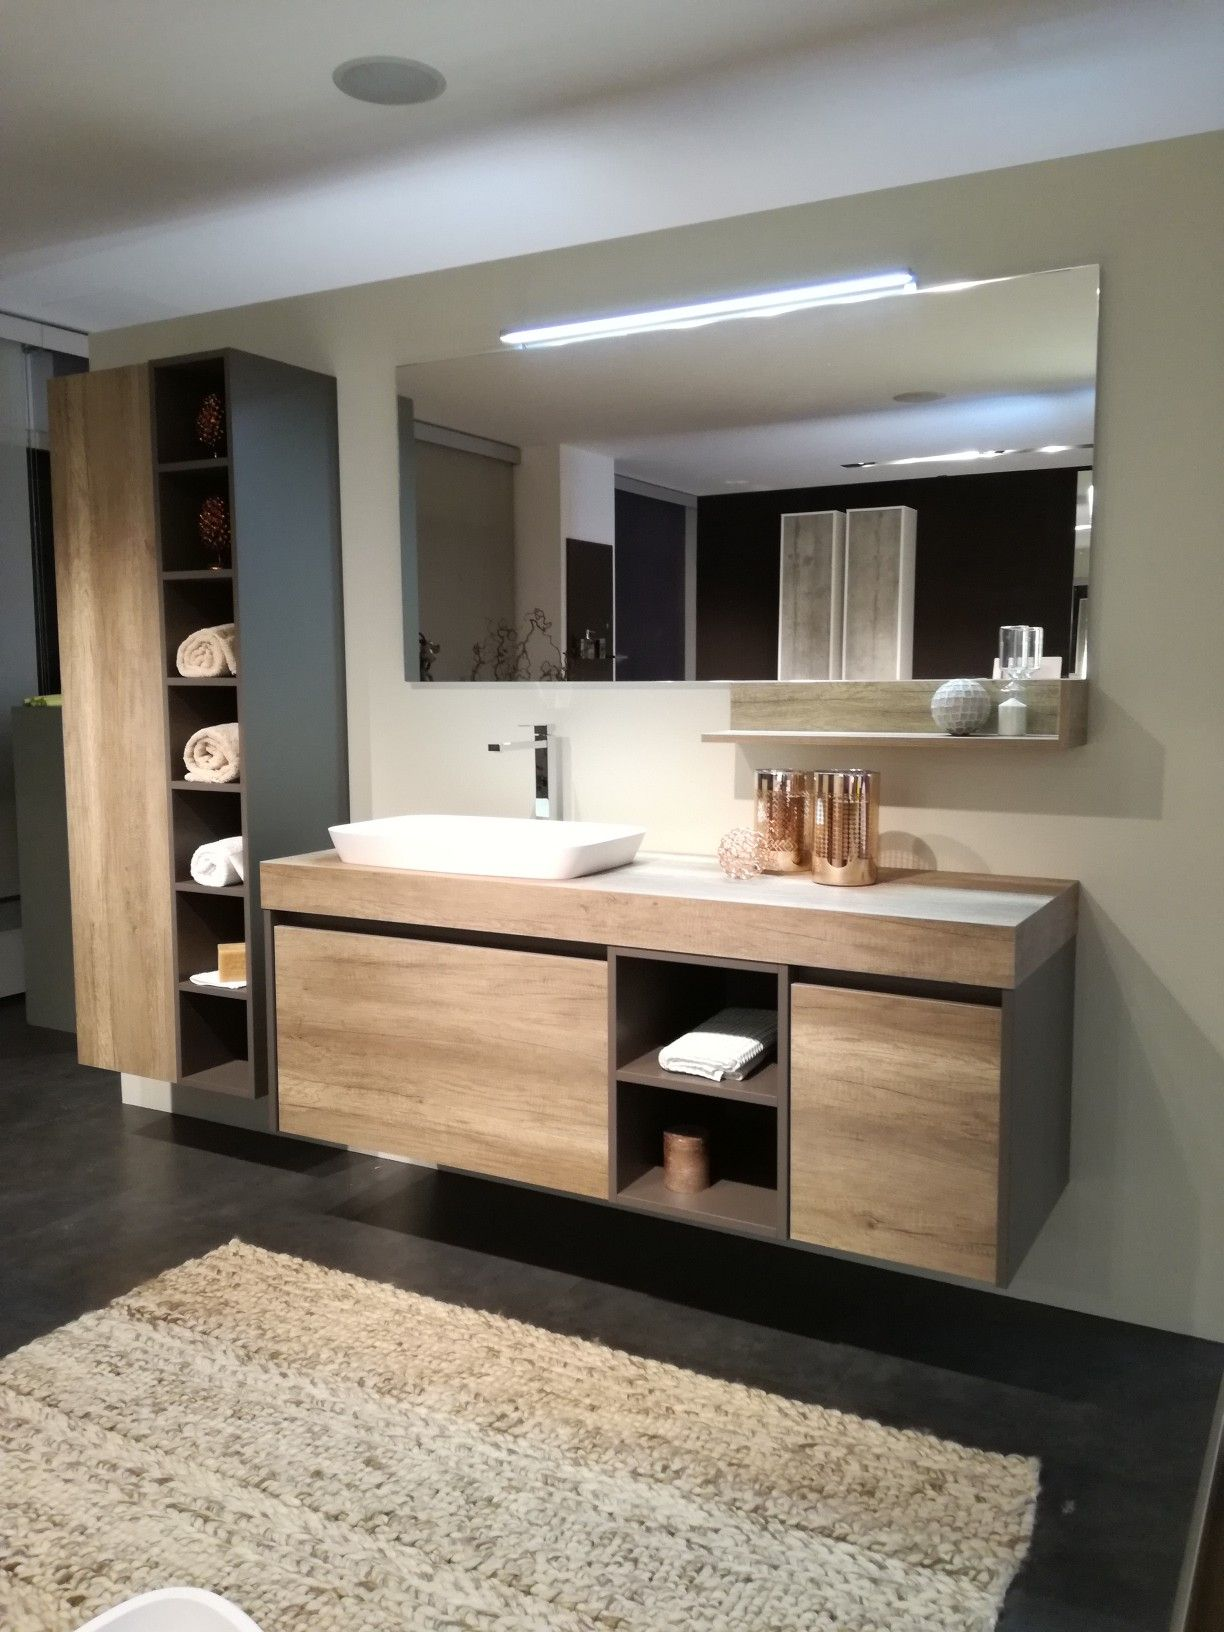 Salle de bain ultra moderne, tons chaleureux grâce aux ...